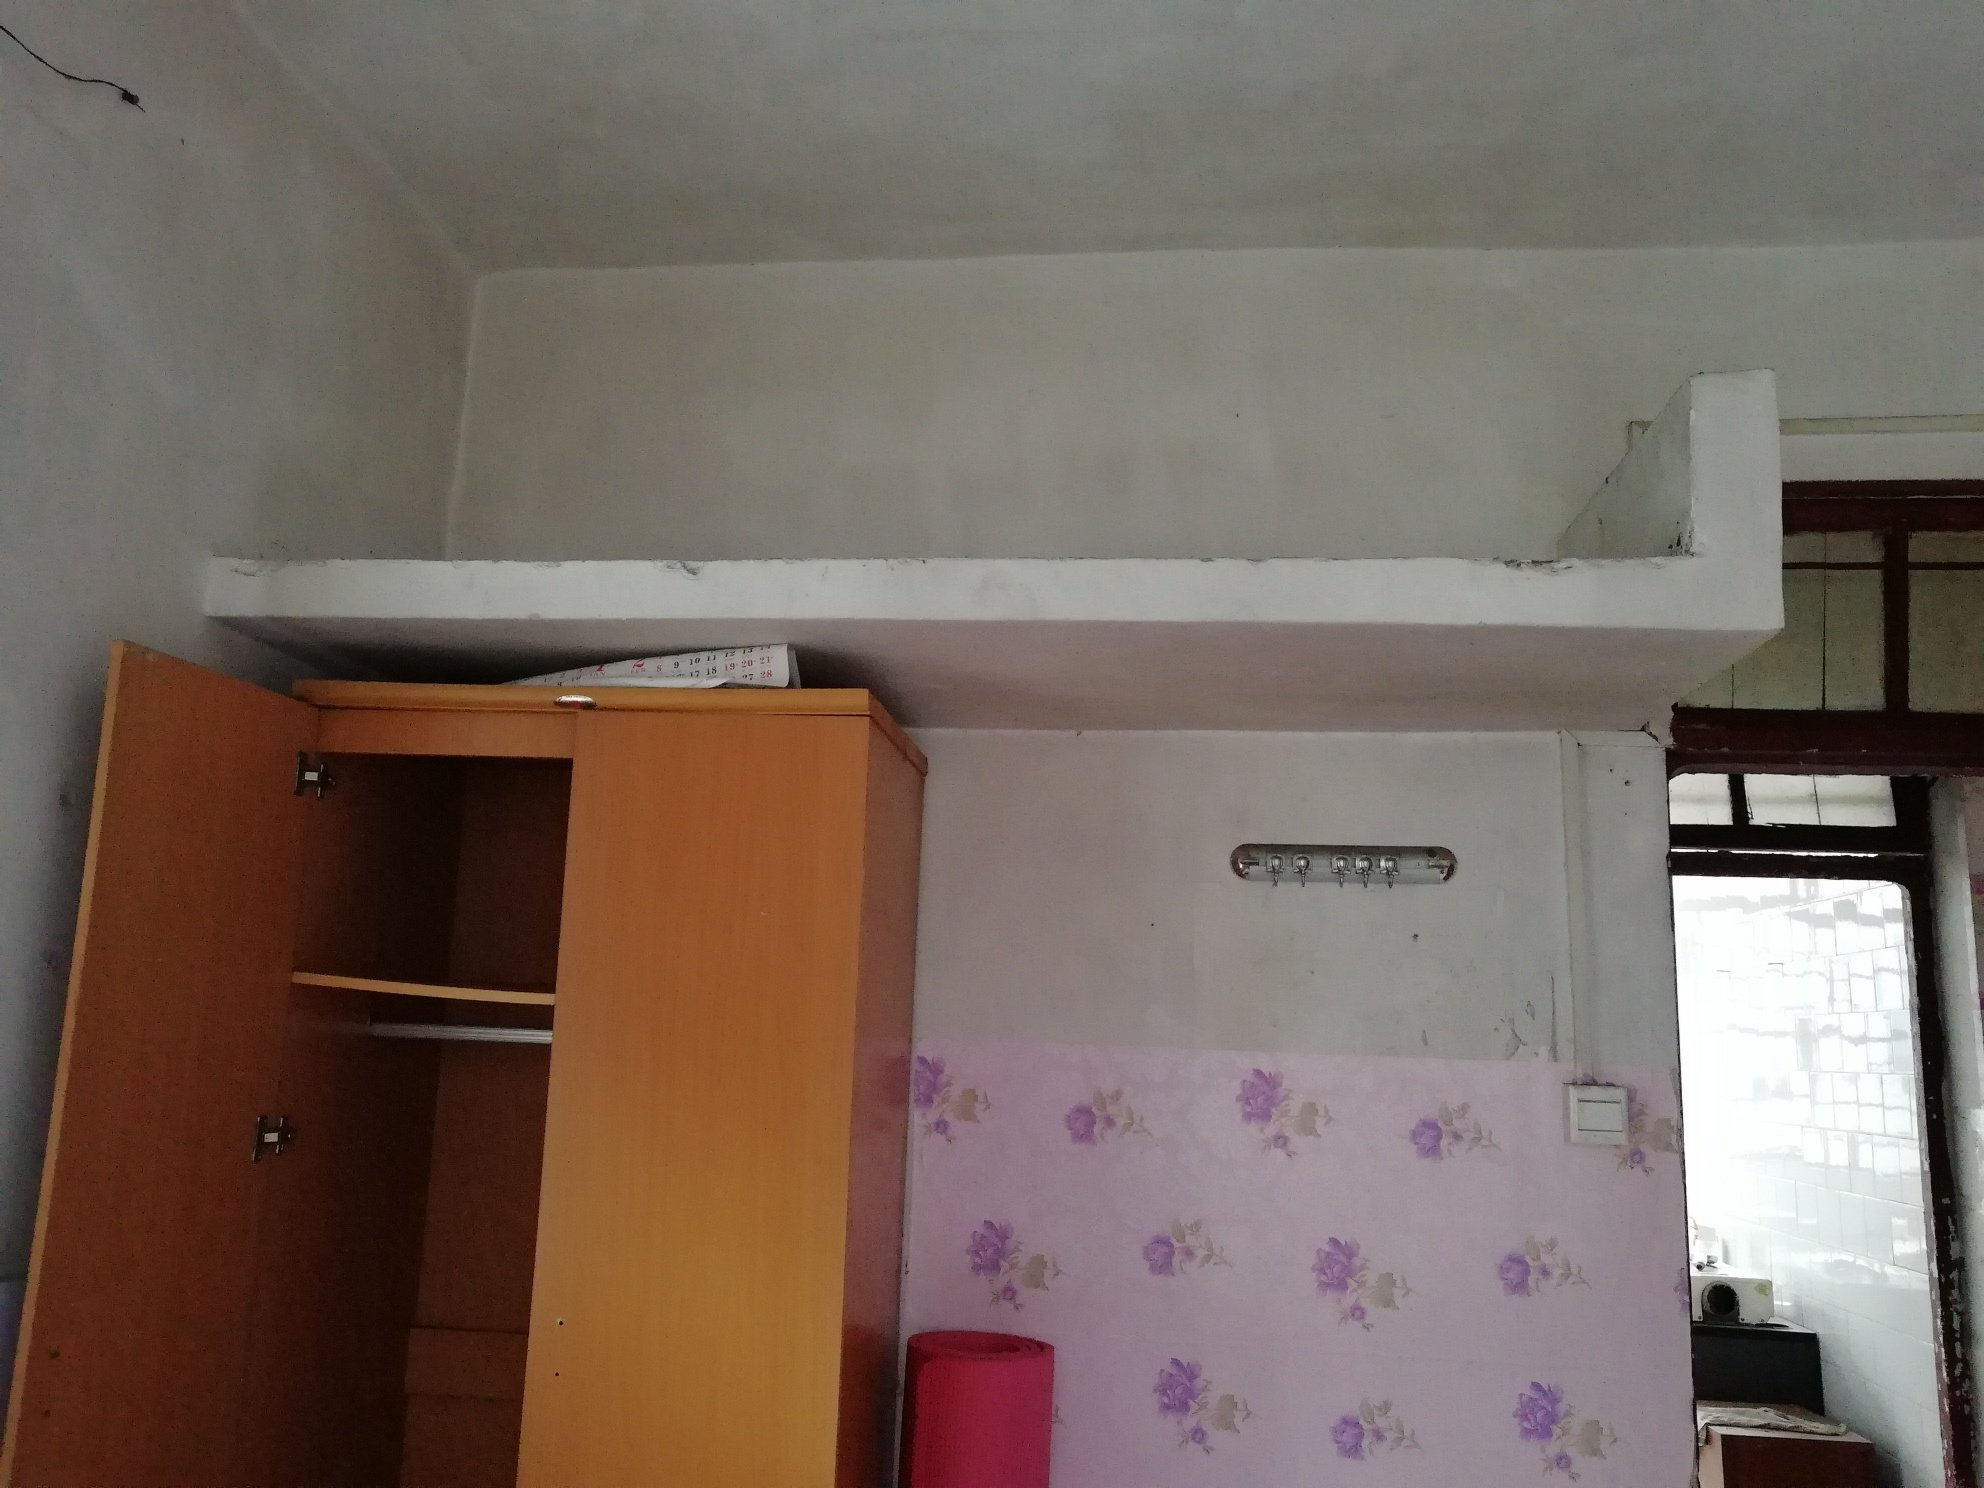 各位大师,2楼的这个平板拆除后,4楼的住户说导致他们的房间出现了新裂痕。 是拆除